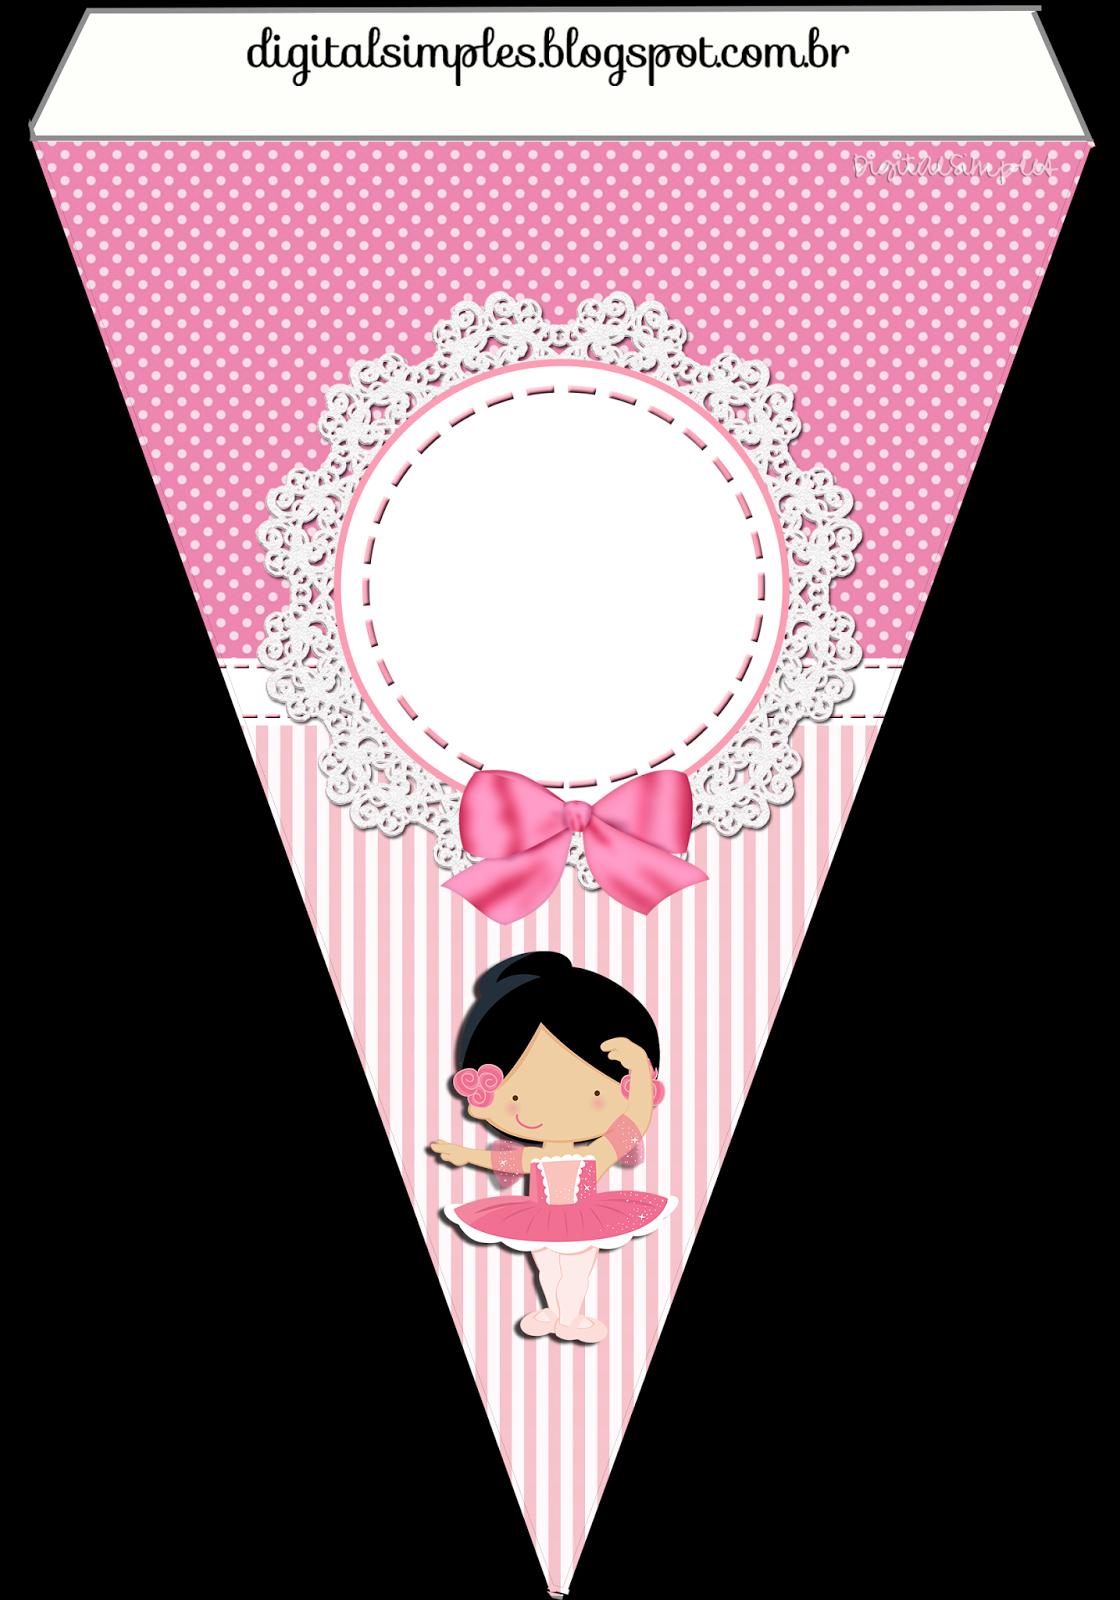 """Adhesivos De Bailarina Para Imprimir ~ Kit de Personalizados Tema""""Bailarina Rosa"""" para Imprimir Convites Digitais Simples"""